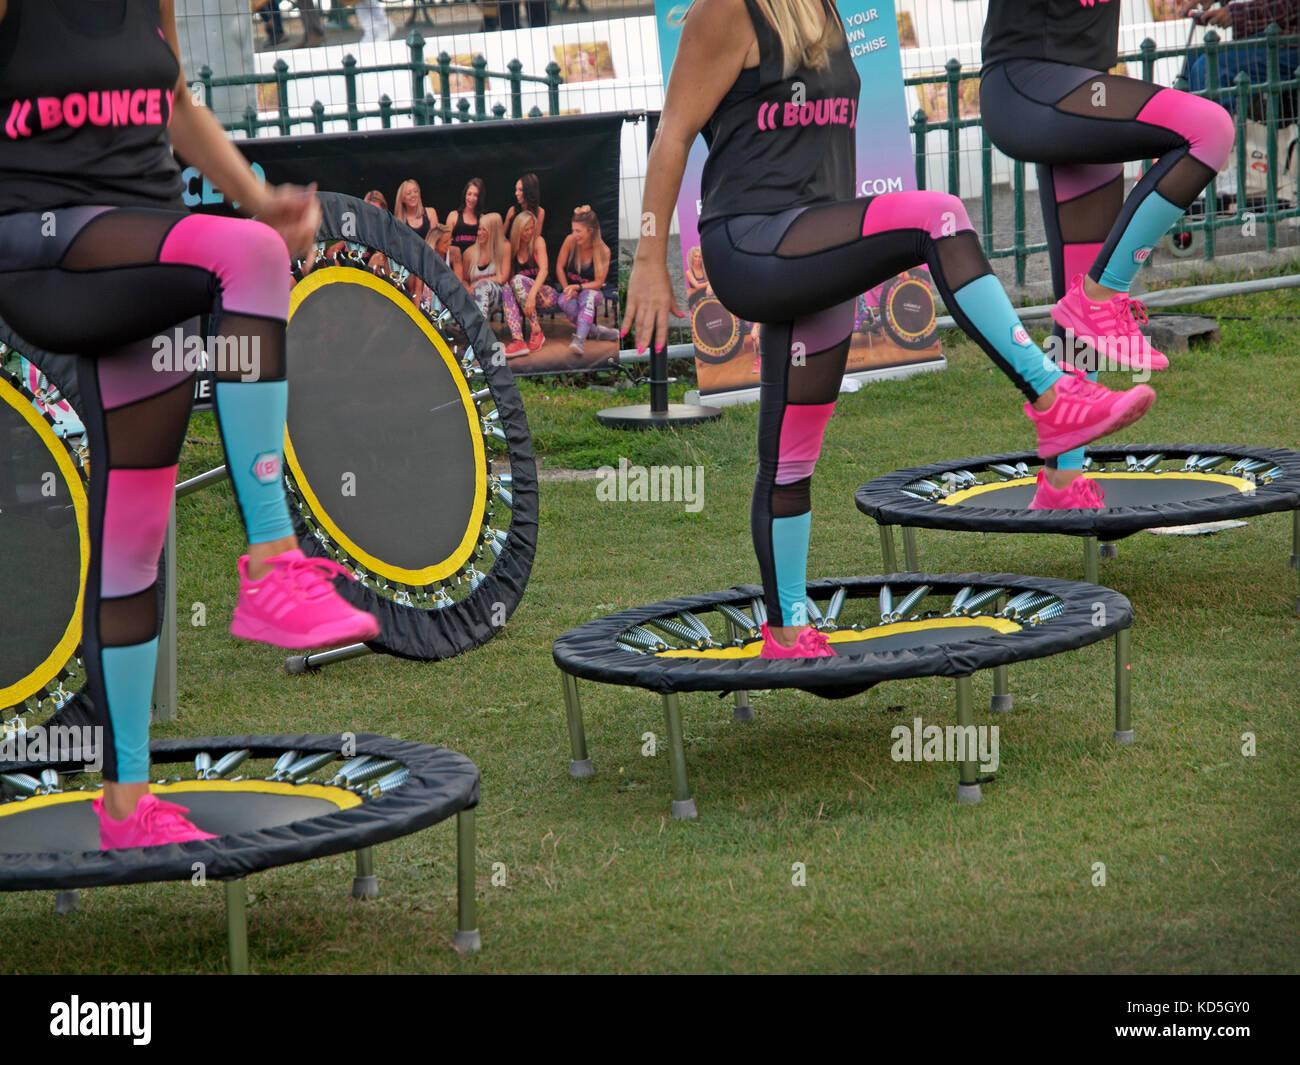 Una demostración de una rutina de ejercicios para hacer en trampolines Imagen De Stock